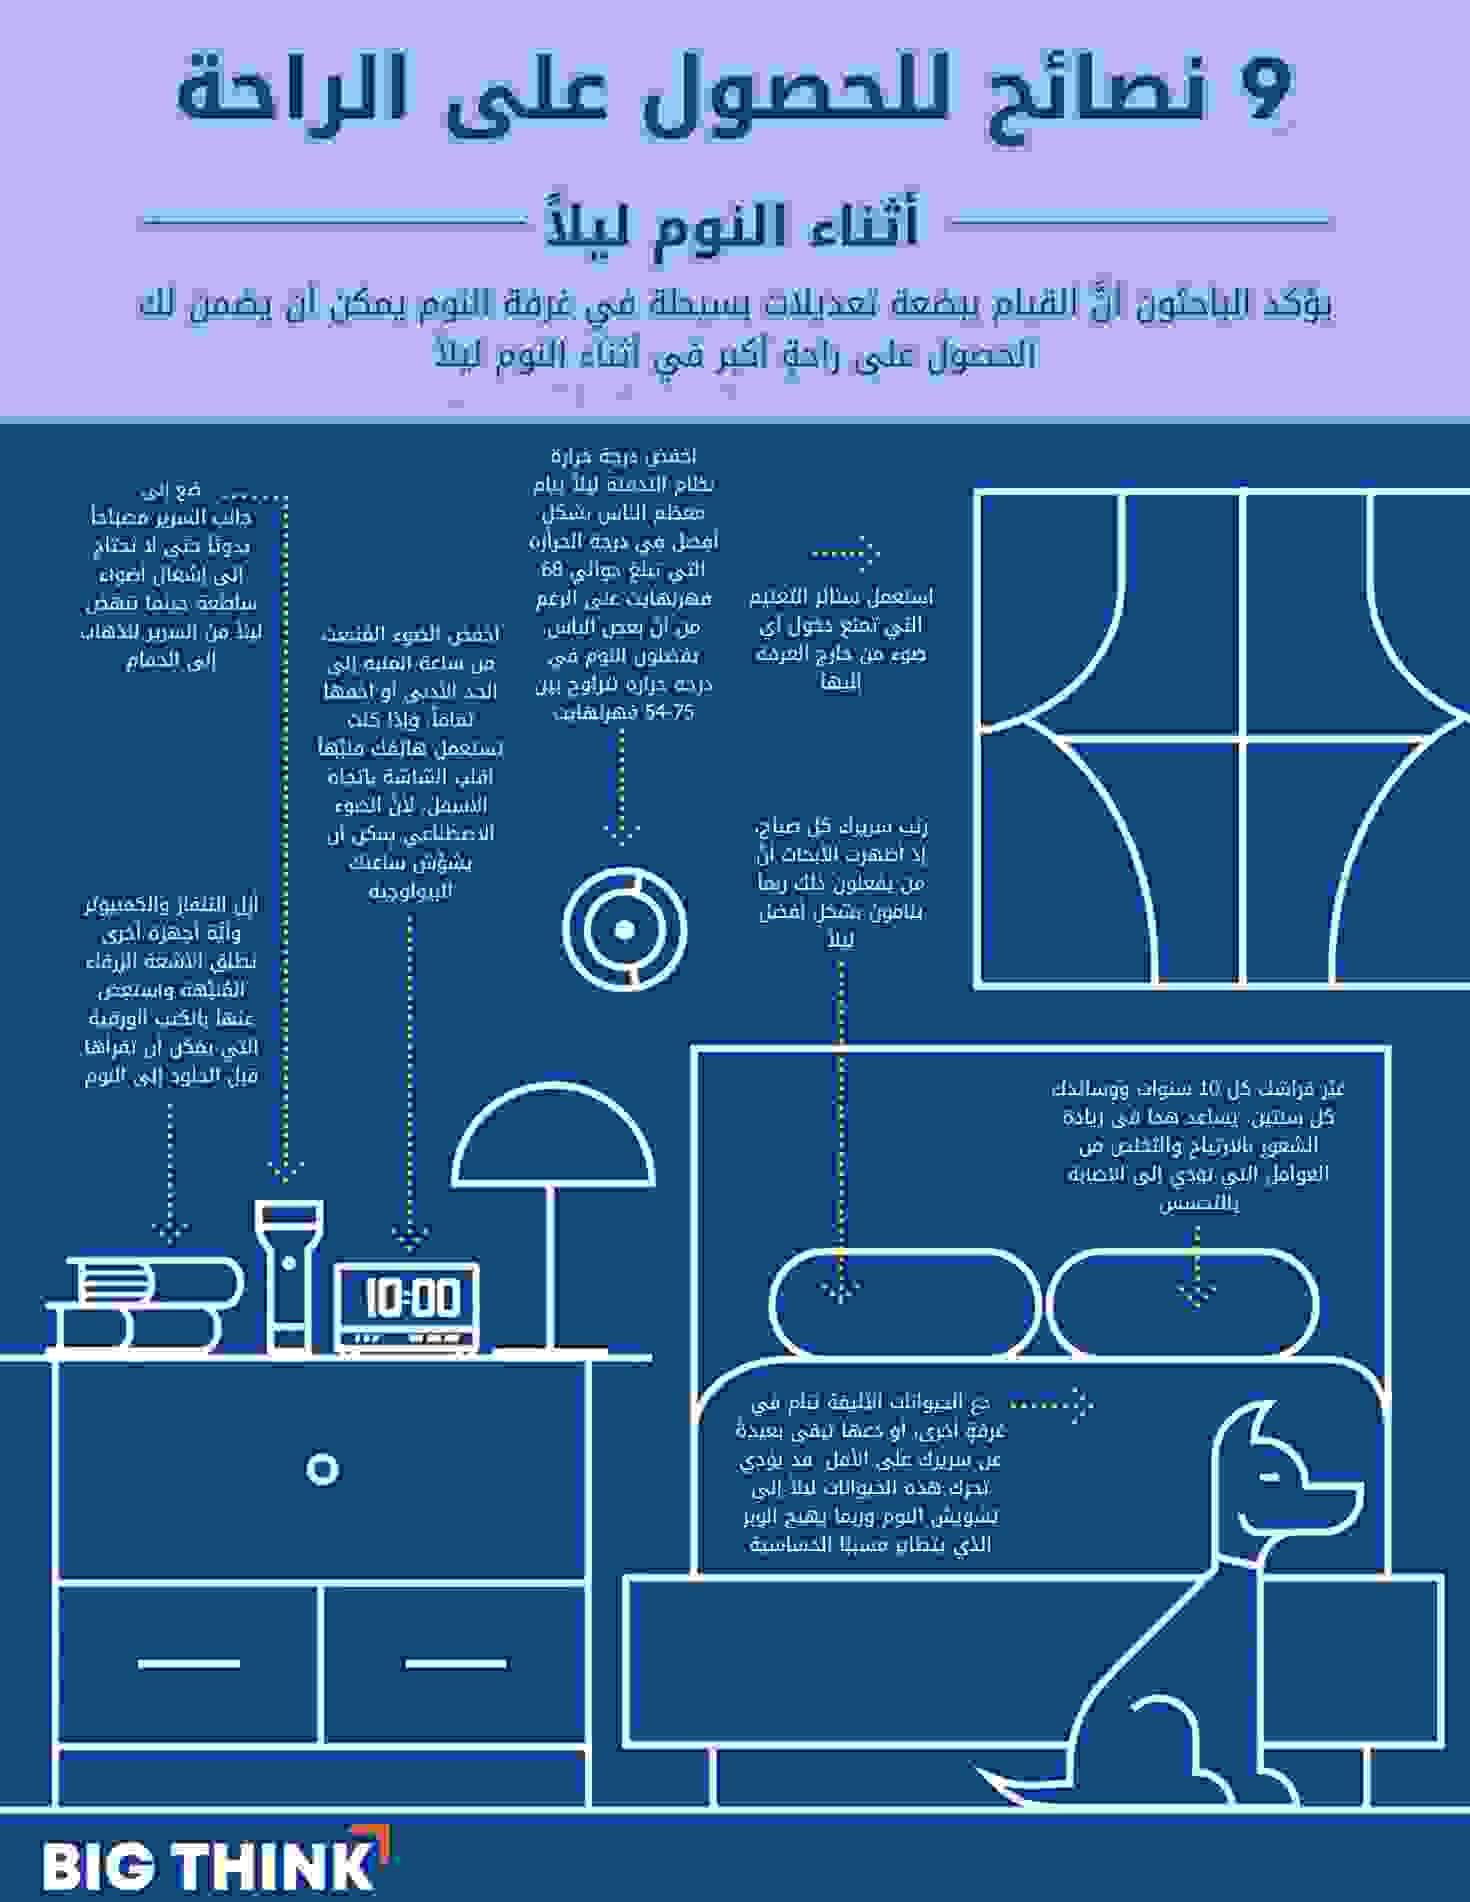 9 نصائح للحصول على الراحة أثناء النوم ليلاً